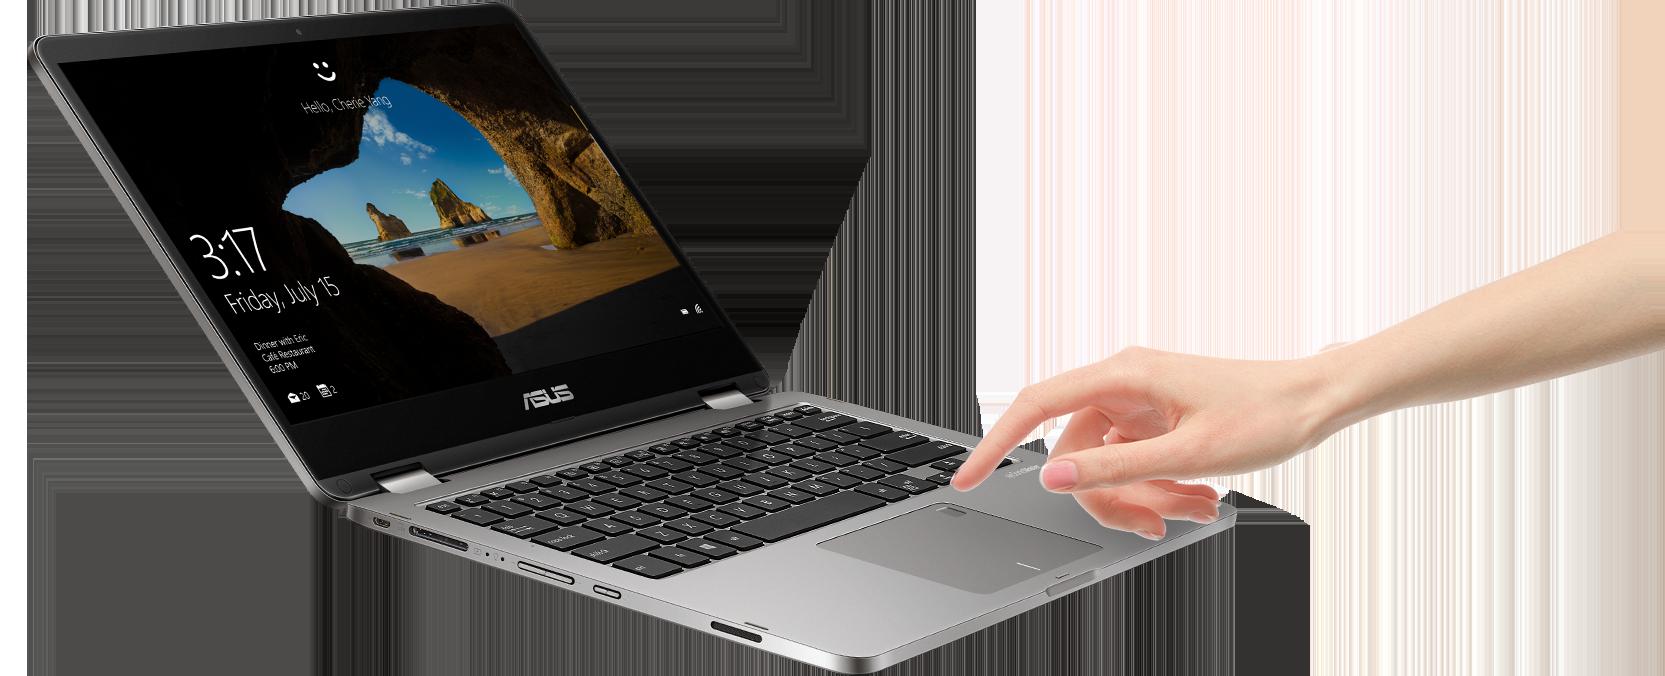 https://dlcdnimgs.asus.com/websites/global/products/EDmoiogCt4PSLvK2/images/desktop/img-fingerPrint.png